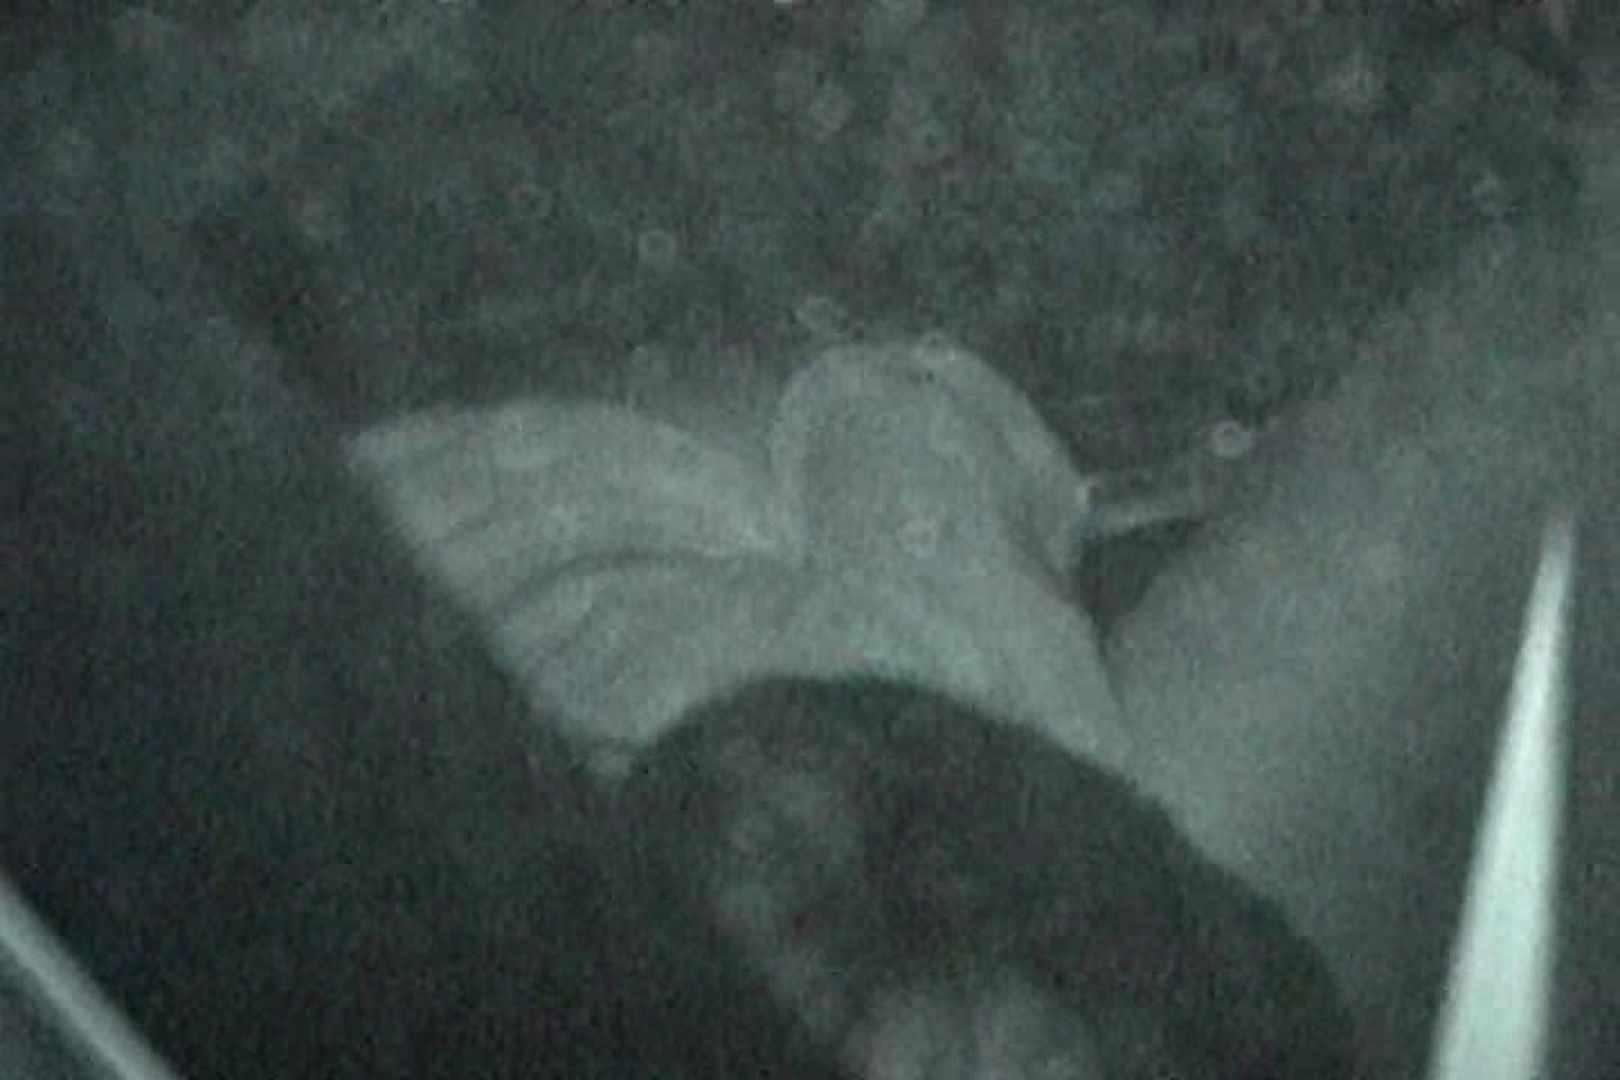 充血監督の深夜の運動会Vol.146 エロティックなOL すけべAV動画紹介 62画像 46